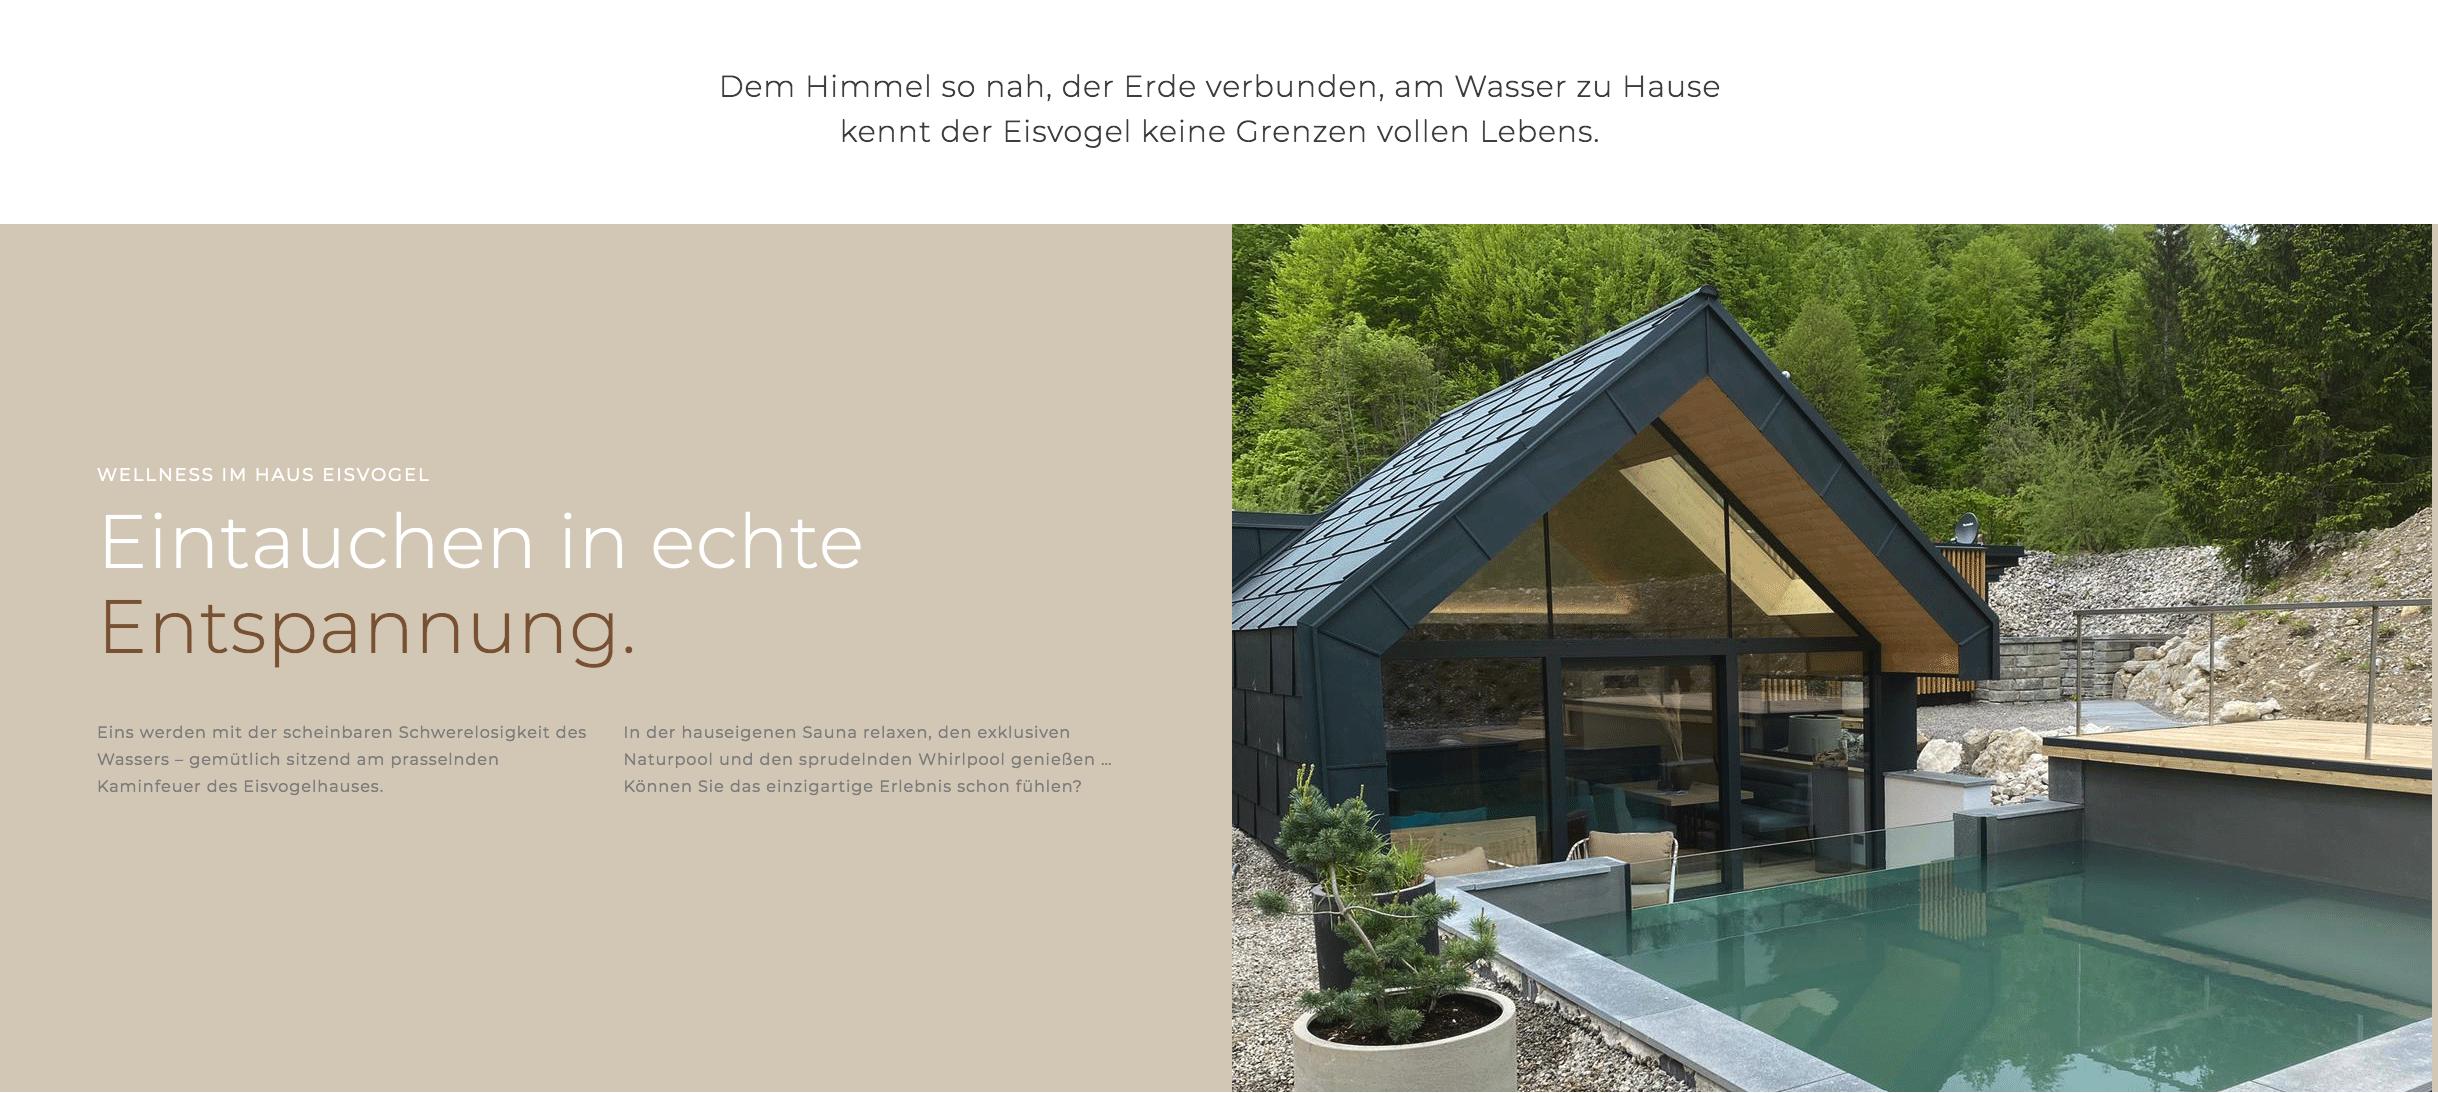 """Ausschnitt aus der FourElements Website """"Eintauchen in echte Entspannung""""."""